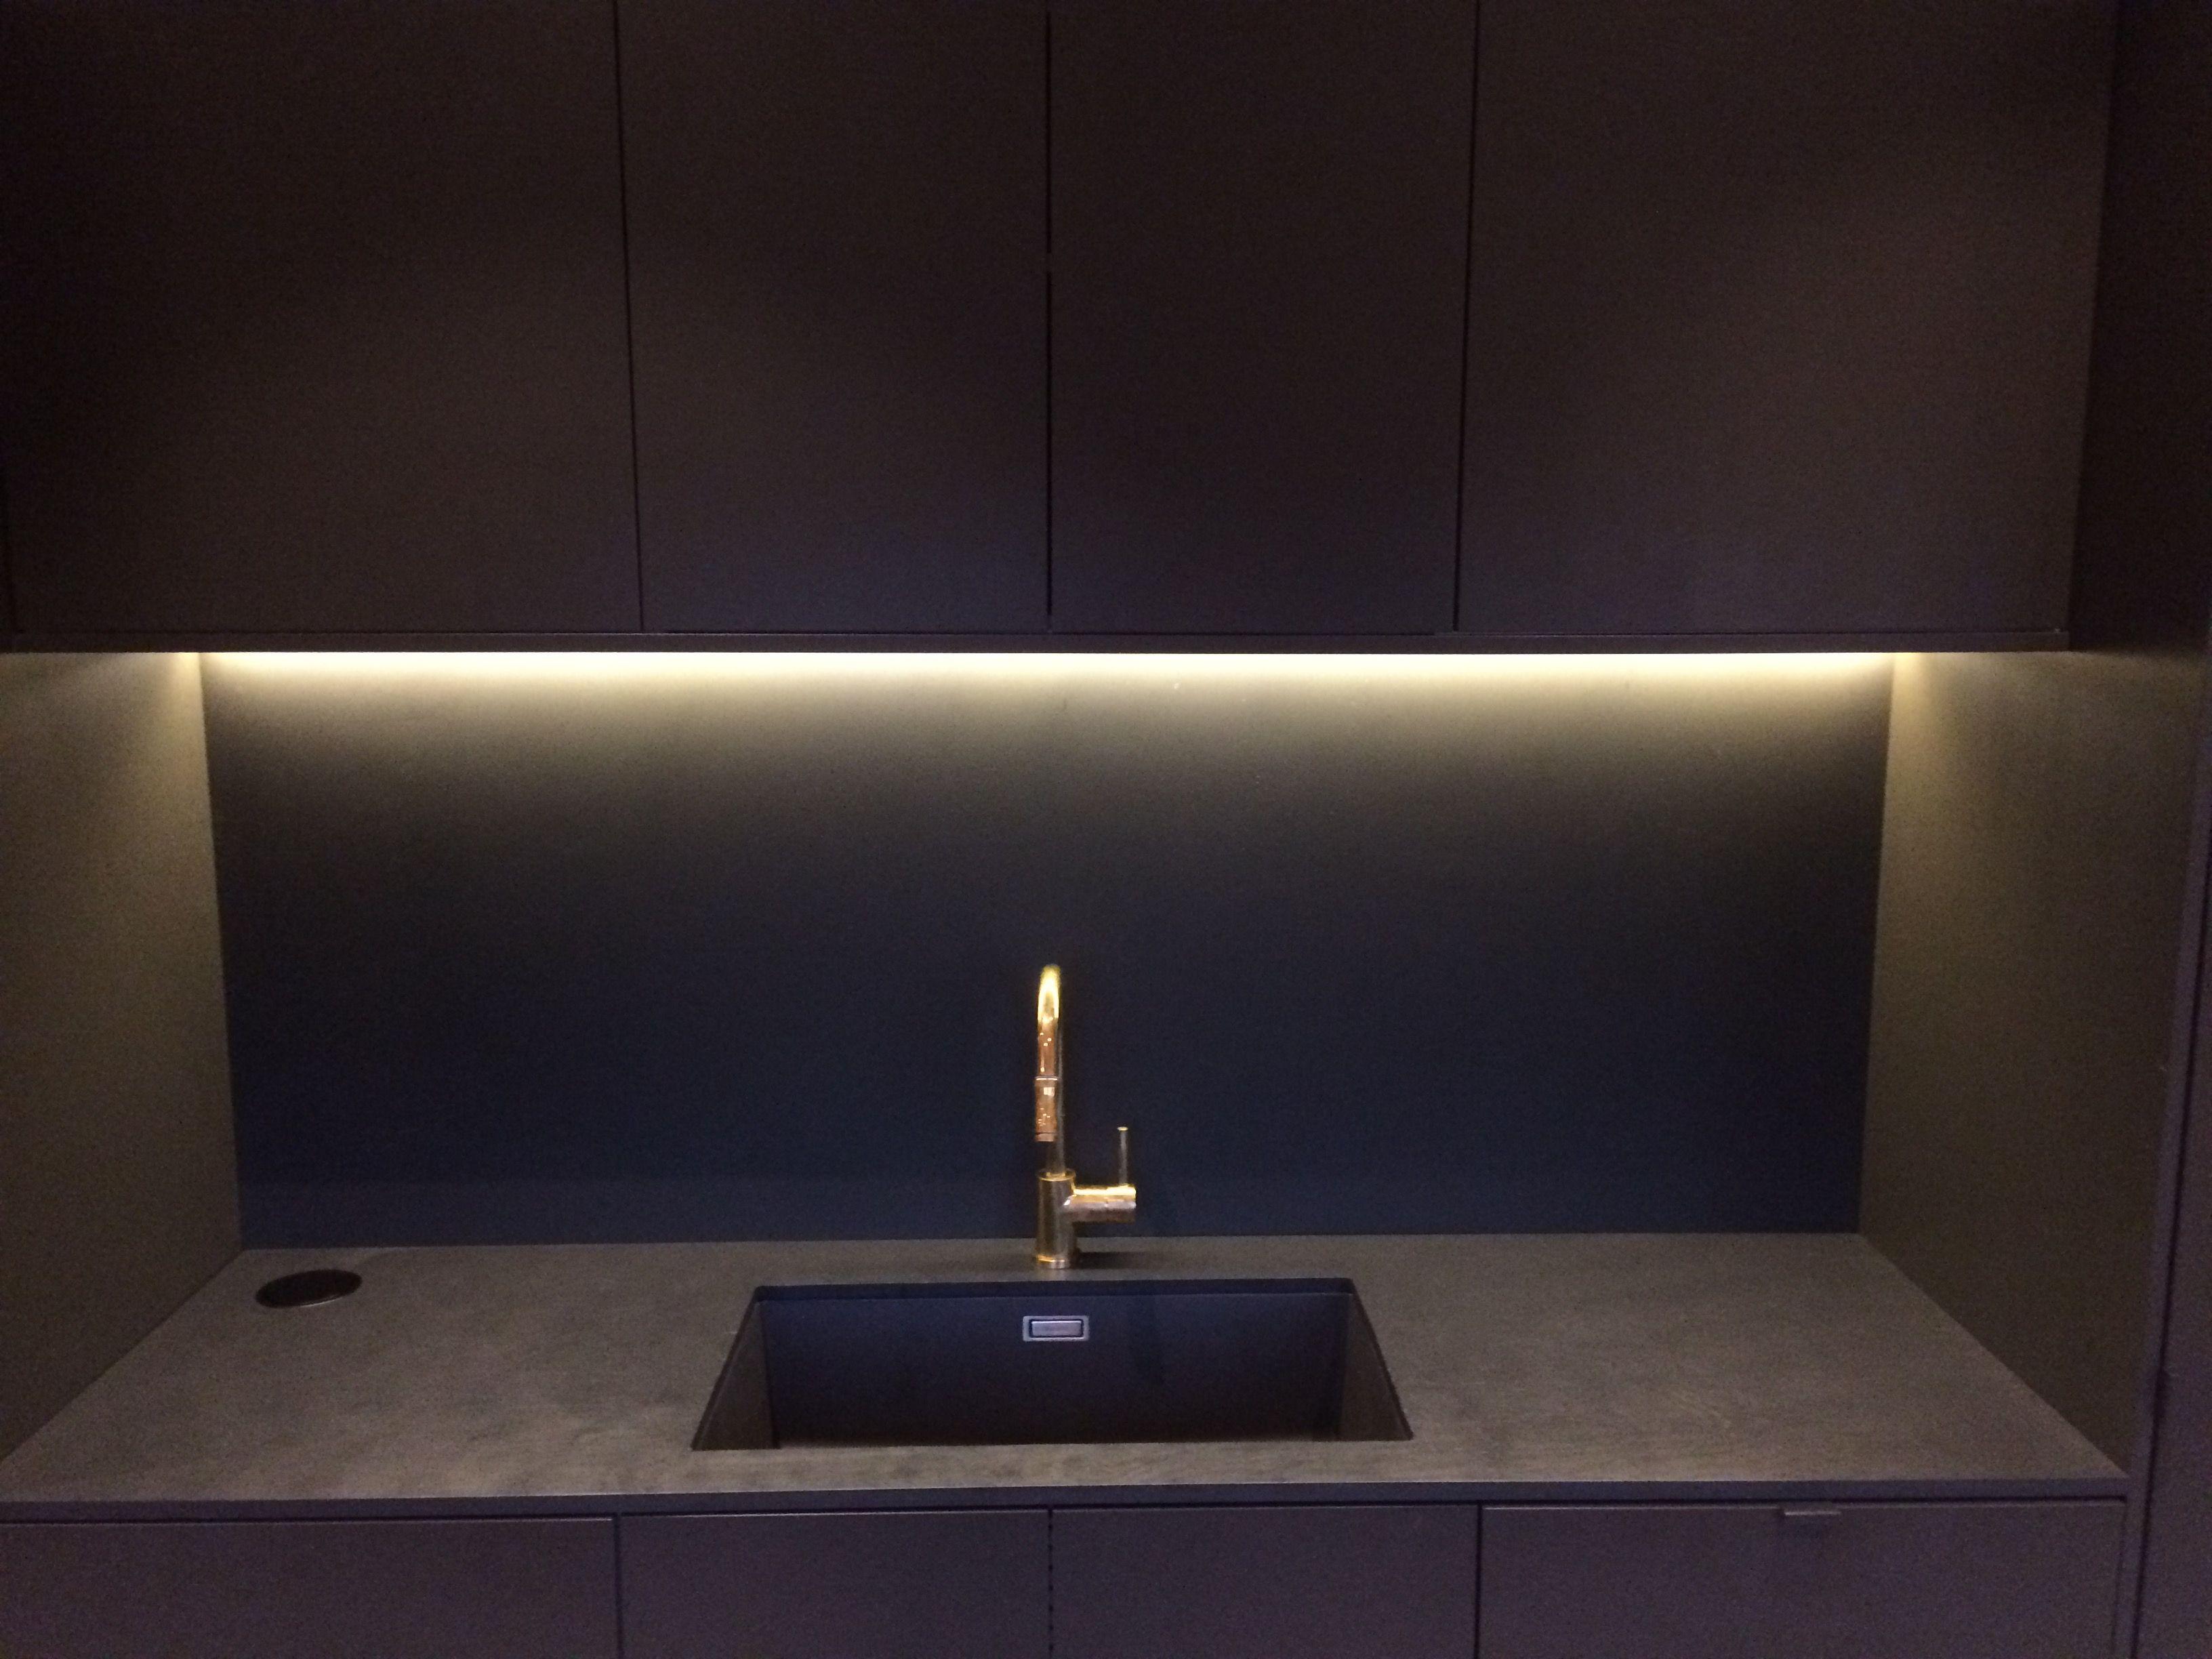 3e6c0d042524280d2849396341acaeba Frais De Ikea Meuble Bar Concept